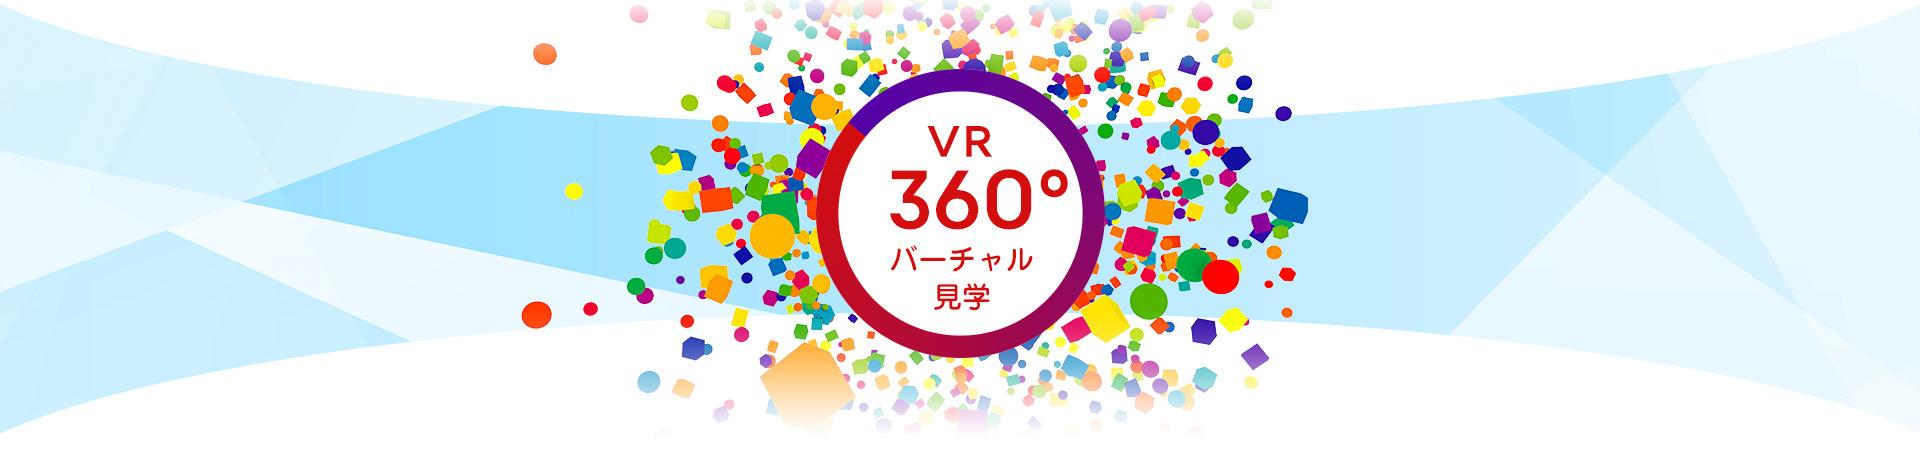 VR 360°バーチャル見学